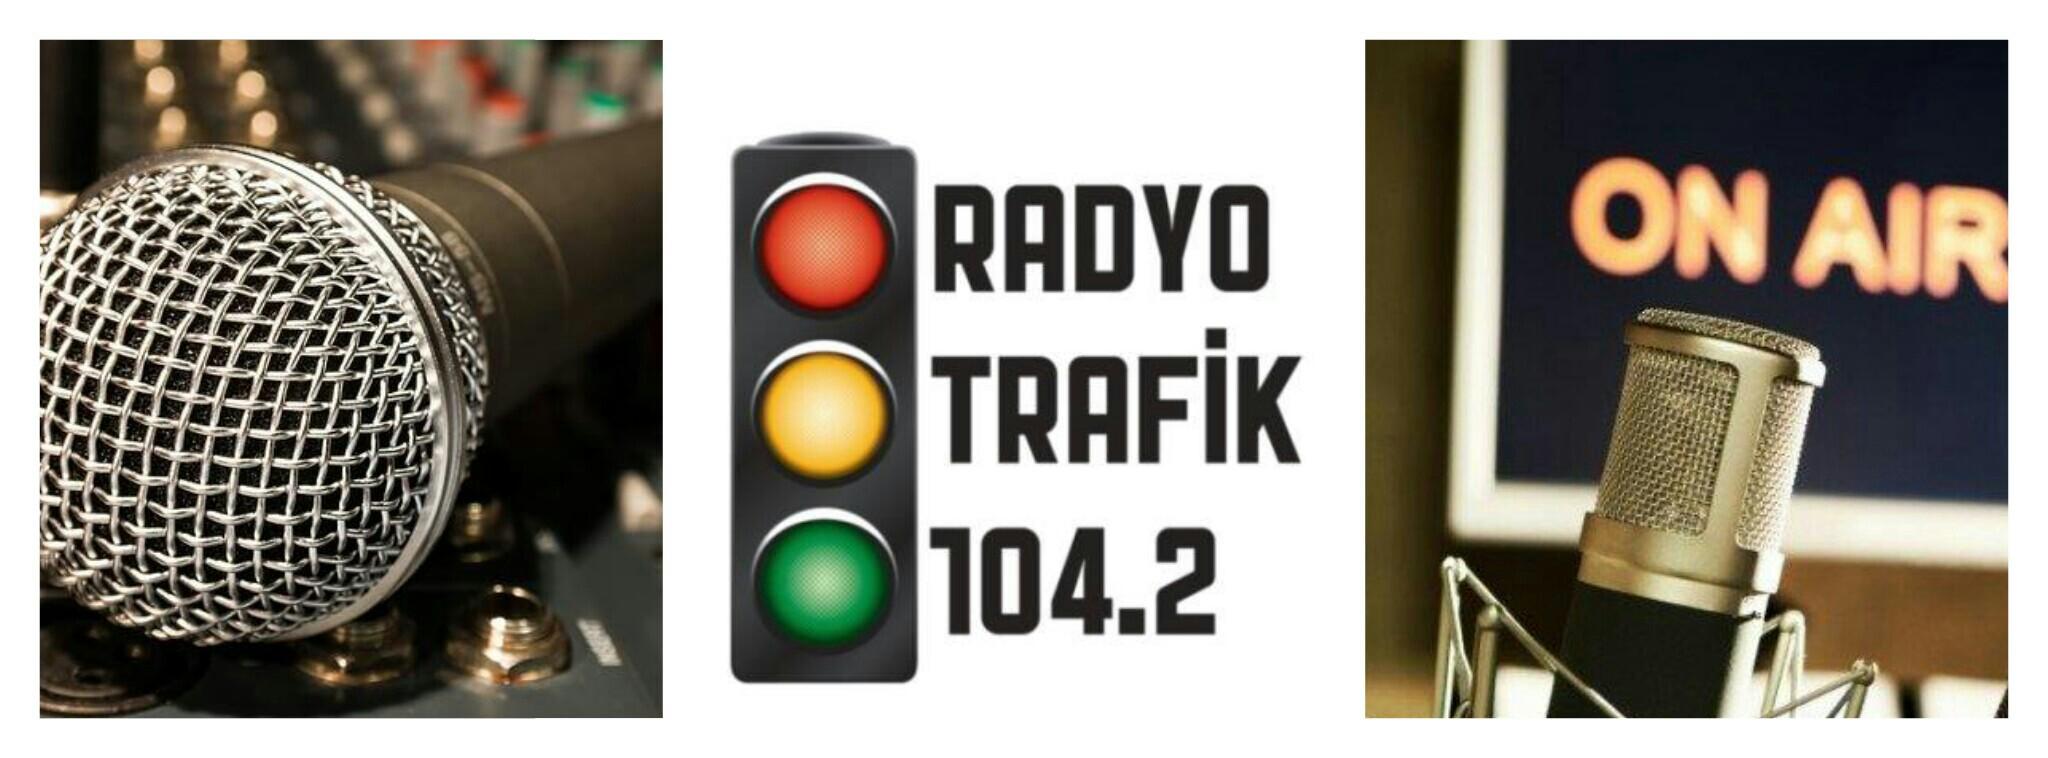 radyo_trafik_ankara